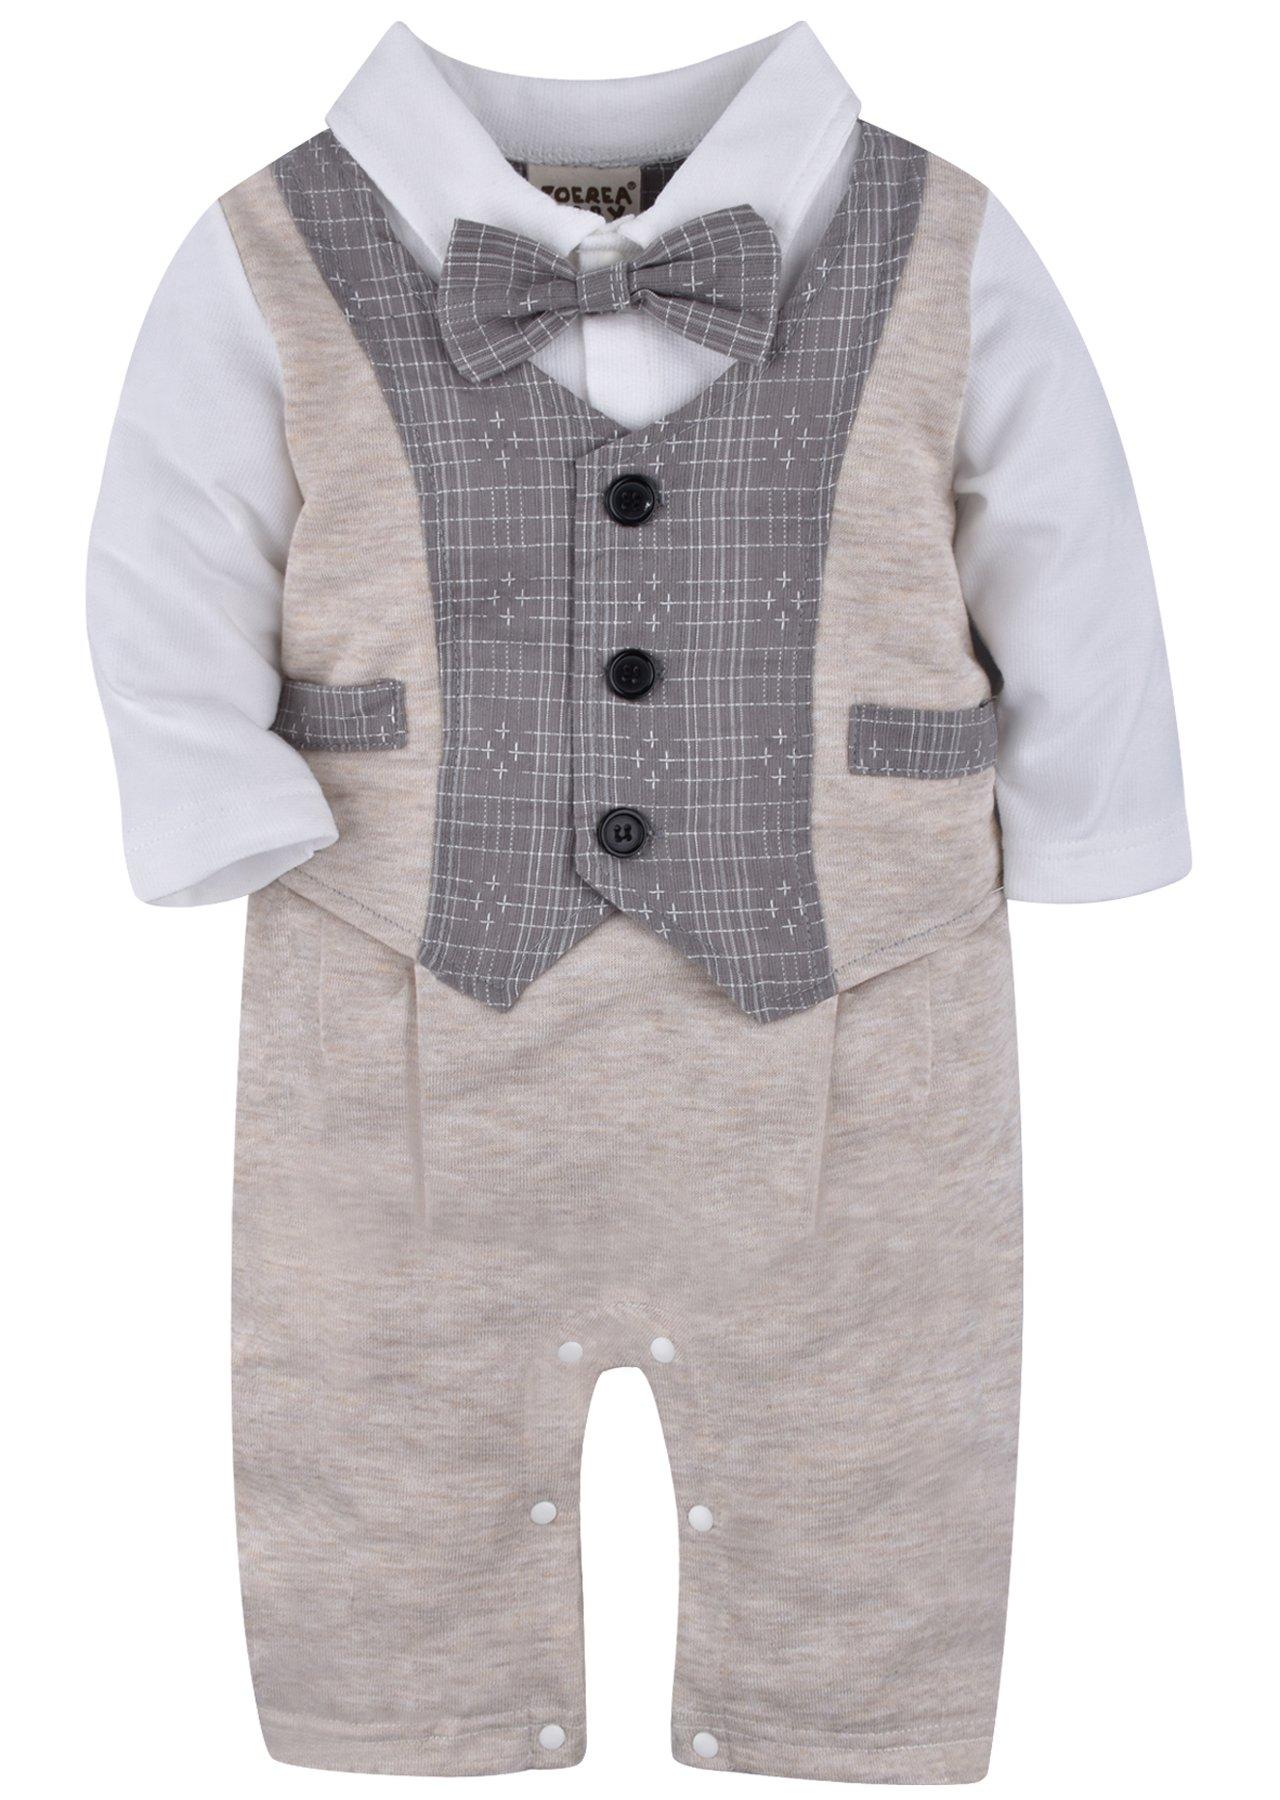 ZOEREA 1pc Kinder Baby Kleinkind Junge Kleidung Spielanzug Bodysuit Kleidung Gentleman Gesamtkind Sommer Kleidung…